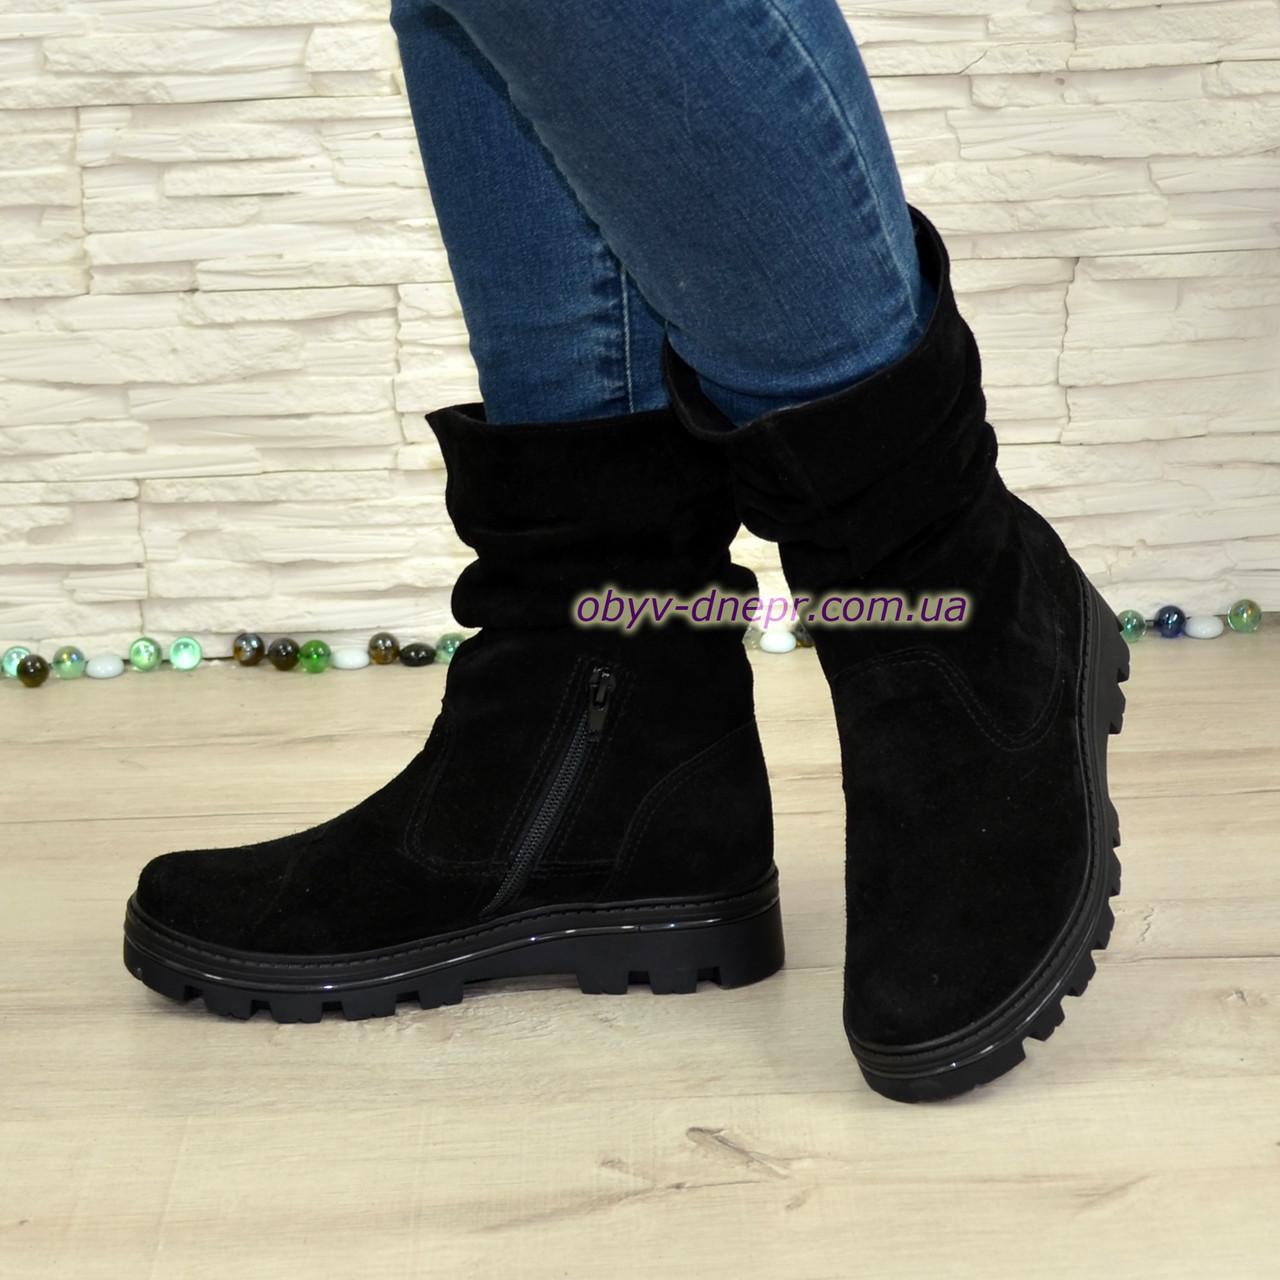 Жіночі замшеві демісезонні черевики на тракторній підошві